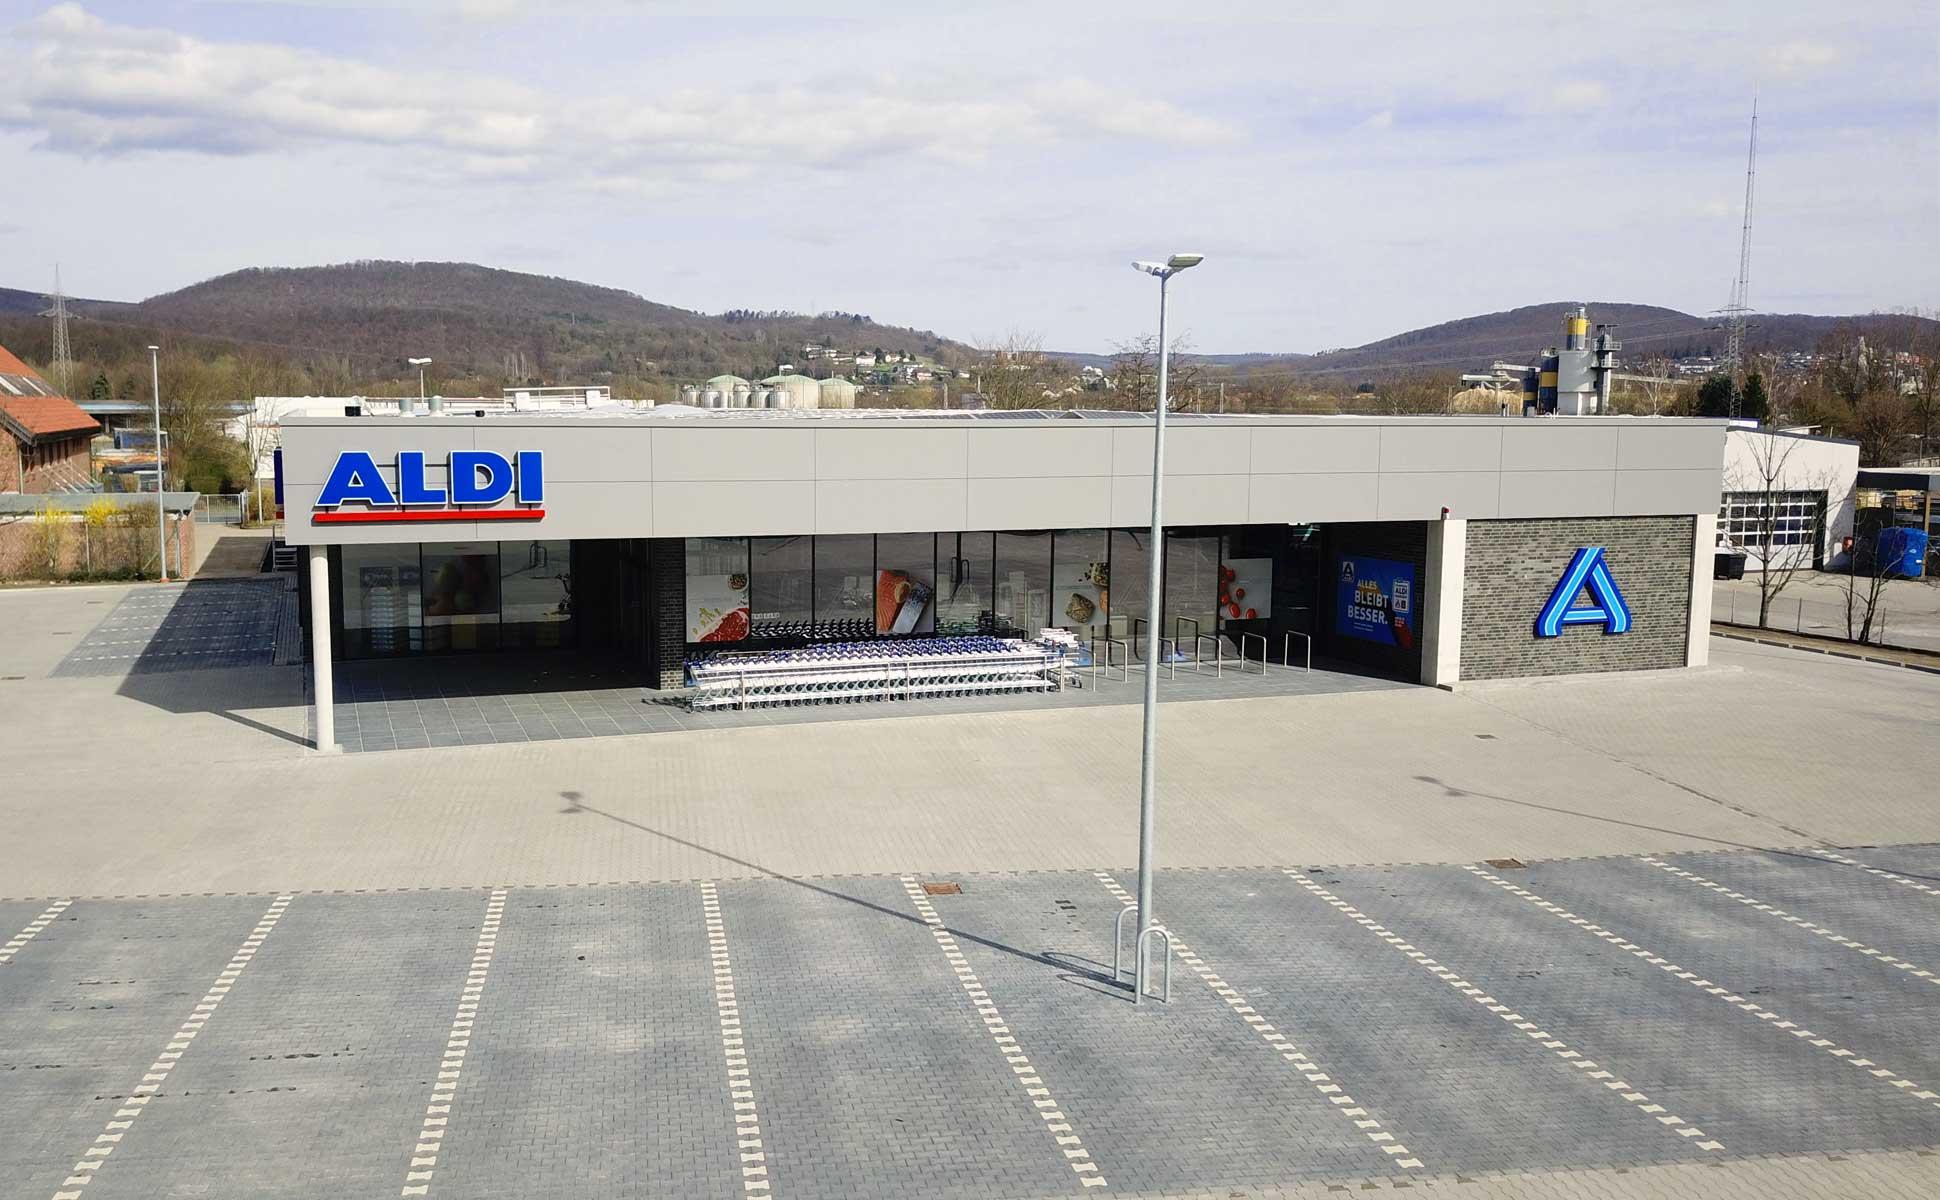 Aldi Alfeld